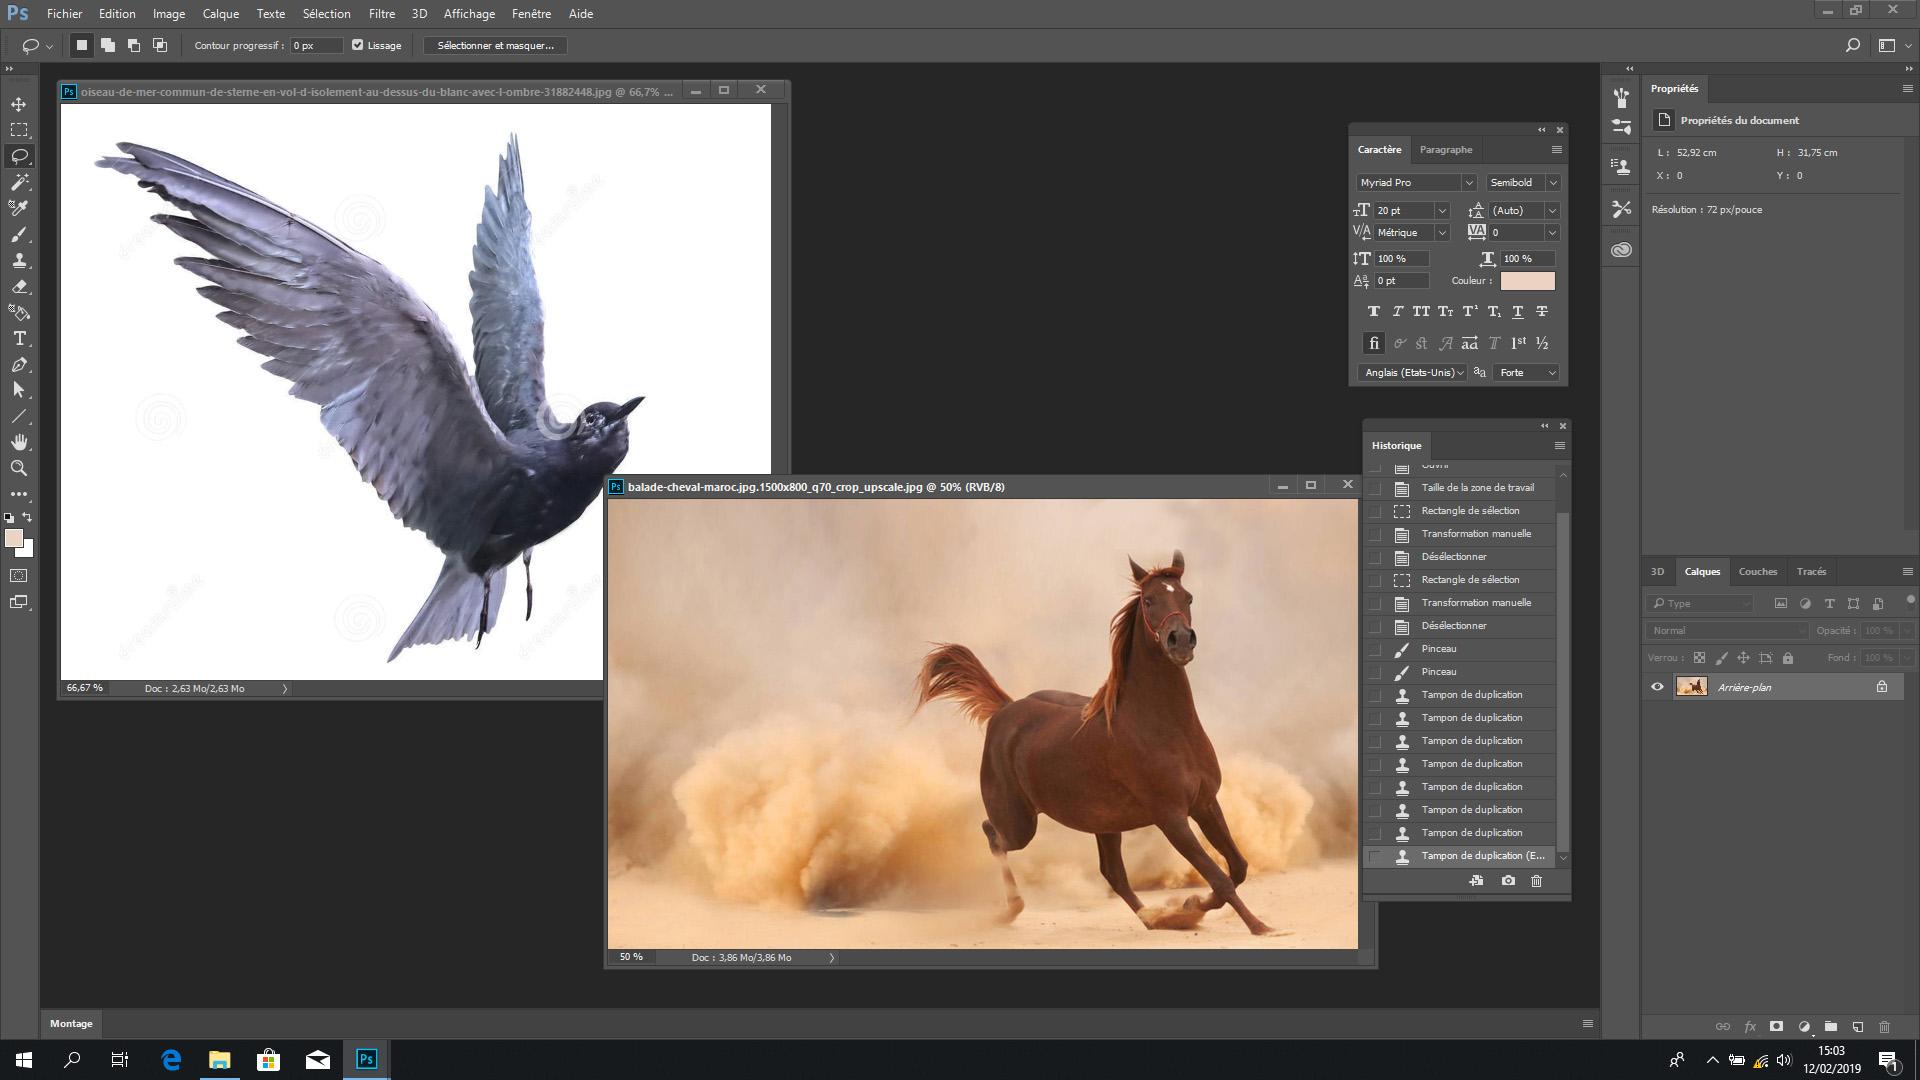 Voici les deux images de la même perspective que j'ai choisie pour ce montage Photoshop